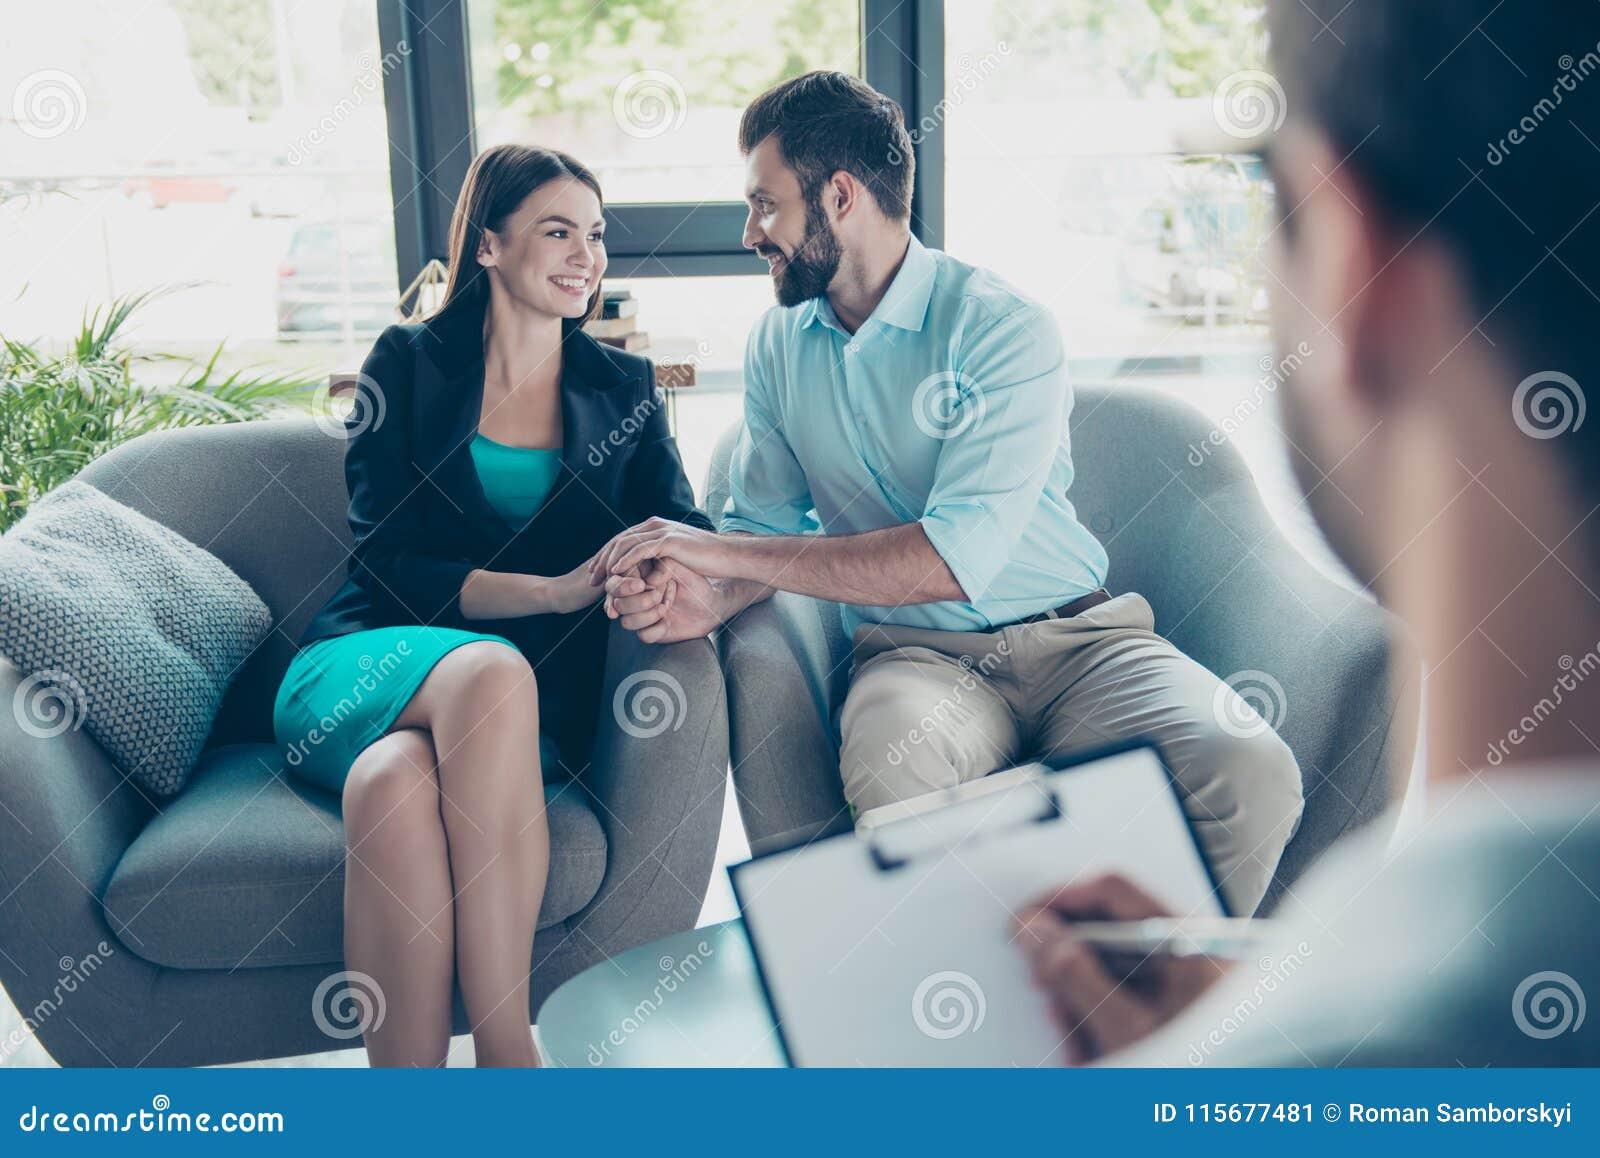 Έννοια αγάπης, οικογενειών, ψυχολογίας και ευτυχίας - νέο ζεύγος HU